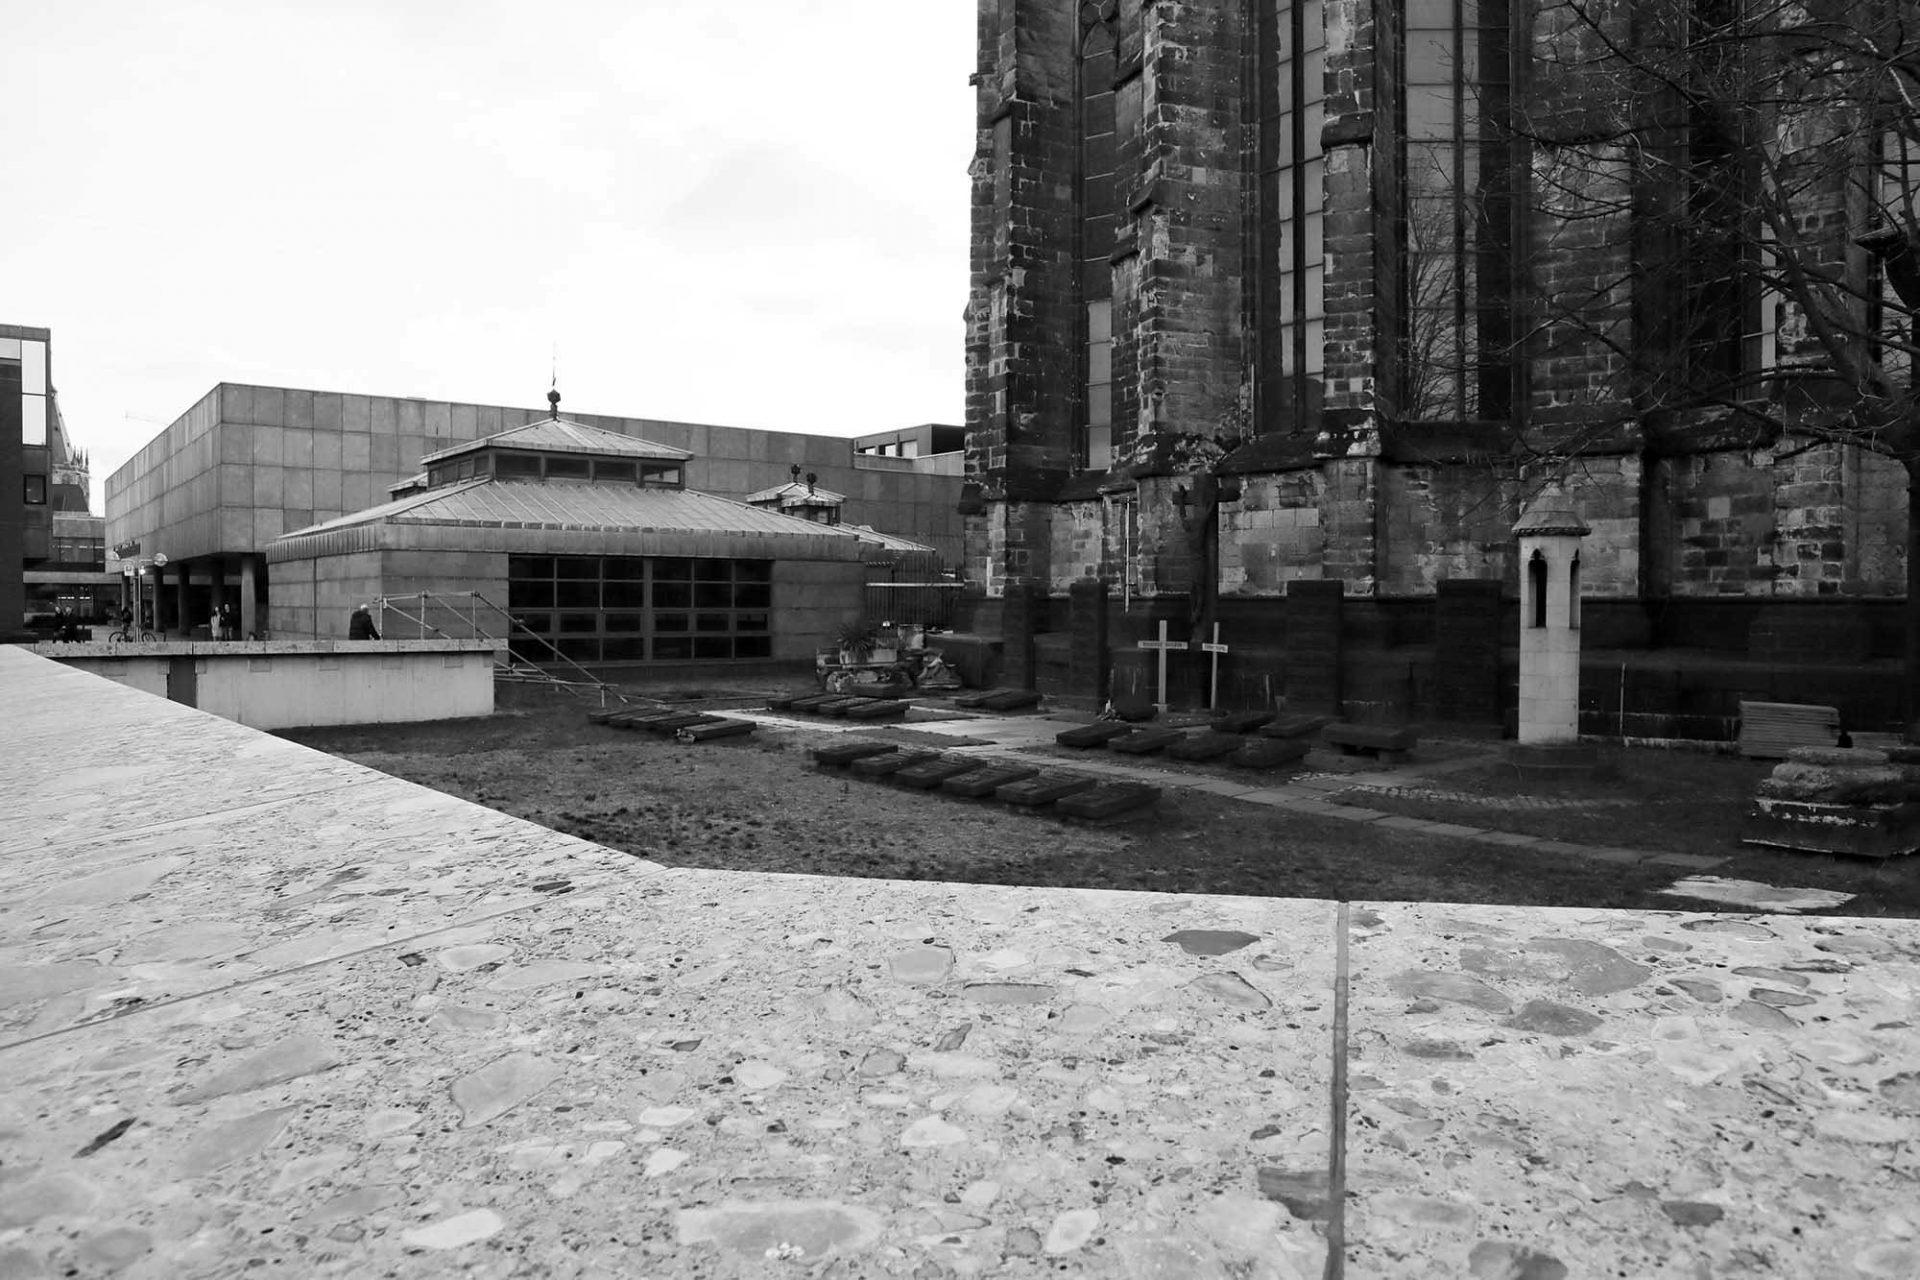 Dombauhütte Köln. Die unteren Bereiche um den Hüttenhof auf der Südost-Seite des Domes entstanden zusammen mit dem Bau des Römisch-Germanischen Museums nach Entwürfen von Heinz Röcke und Klaus Renner (1969/70). Den Neubau der oberen Hüttengebäude entwarf Bernd Billecke (1983-1984).